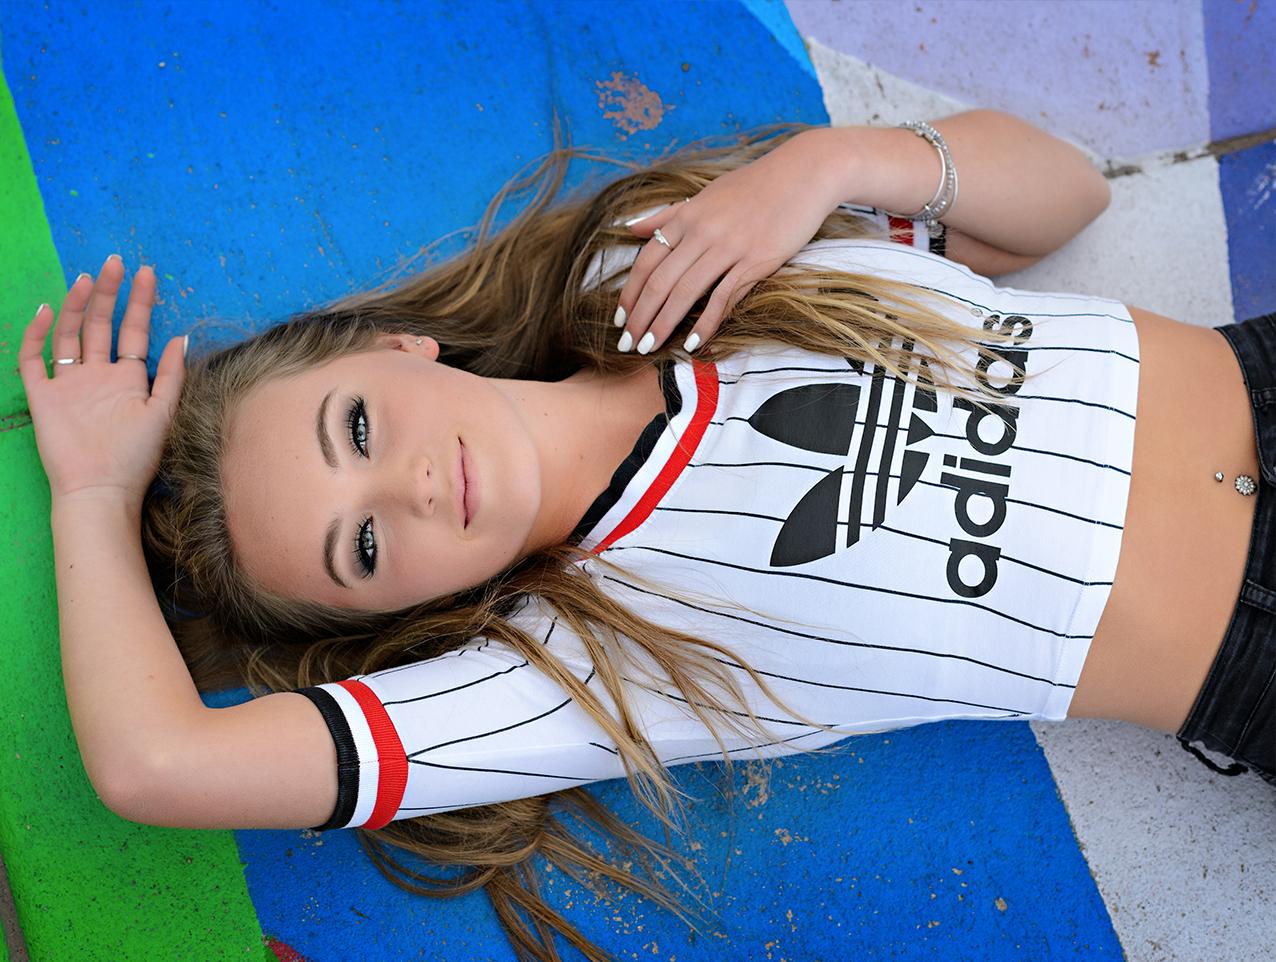 Shaena|Senior model Influencer team